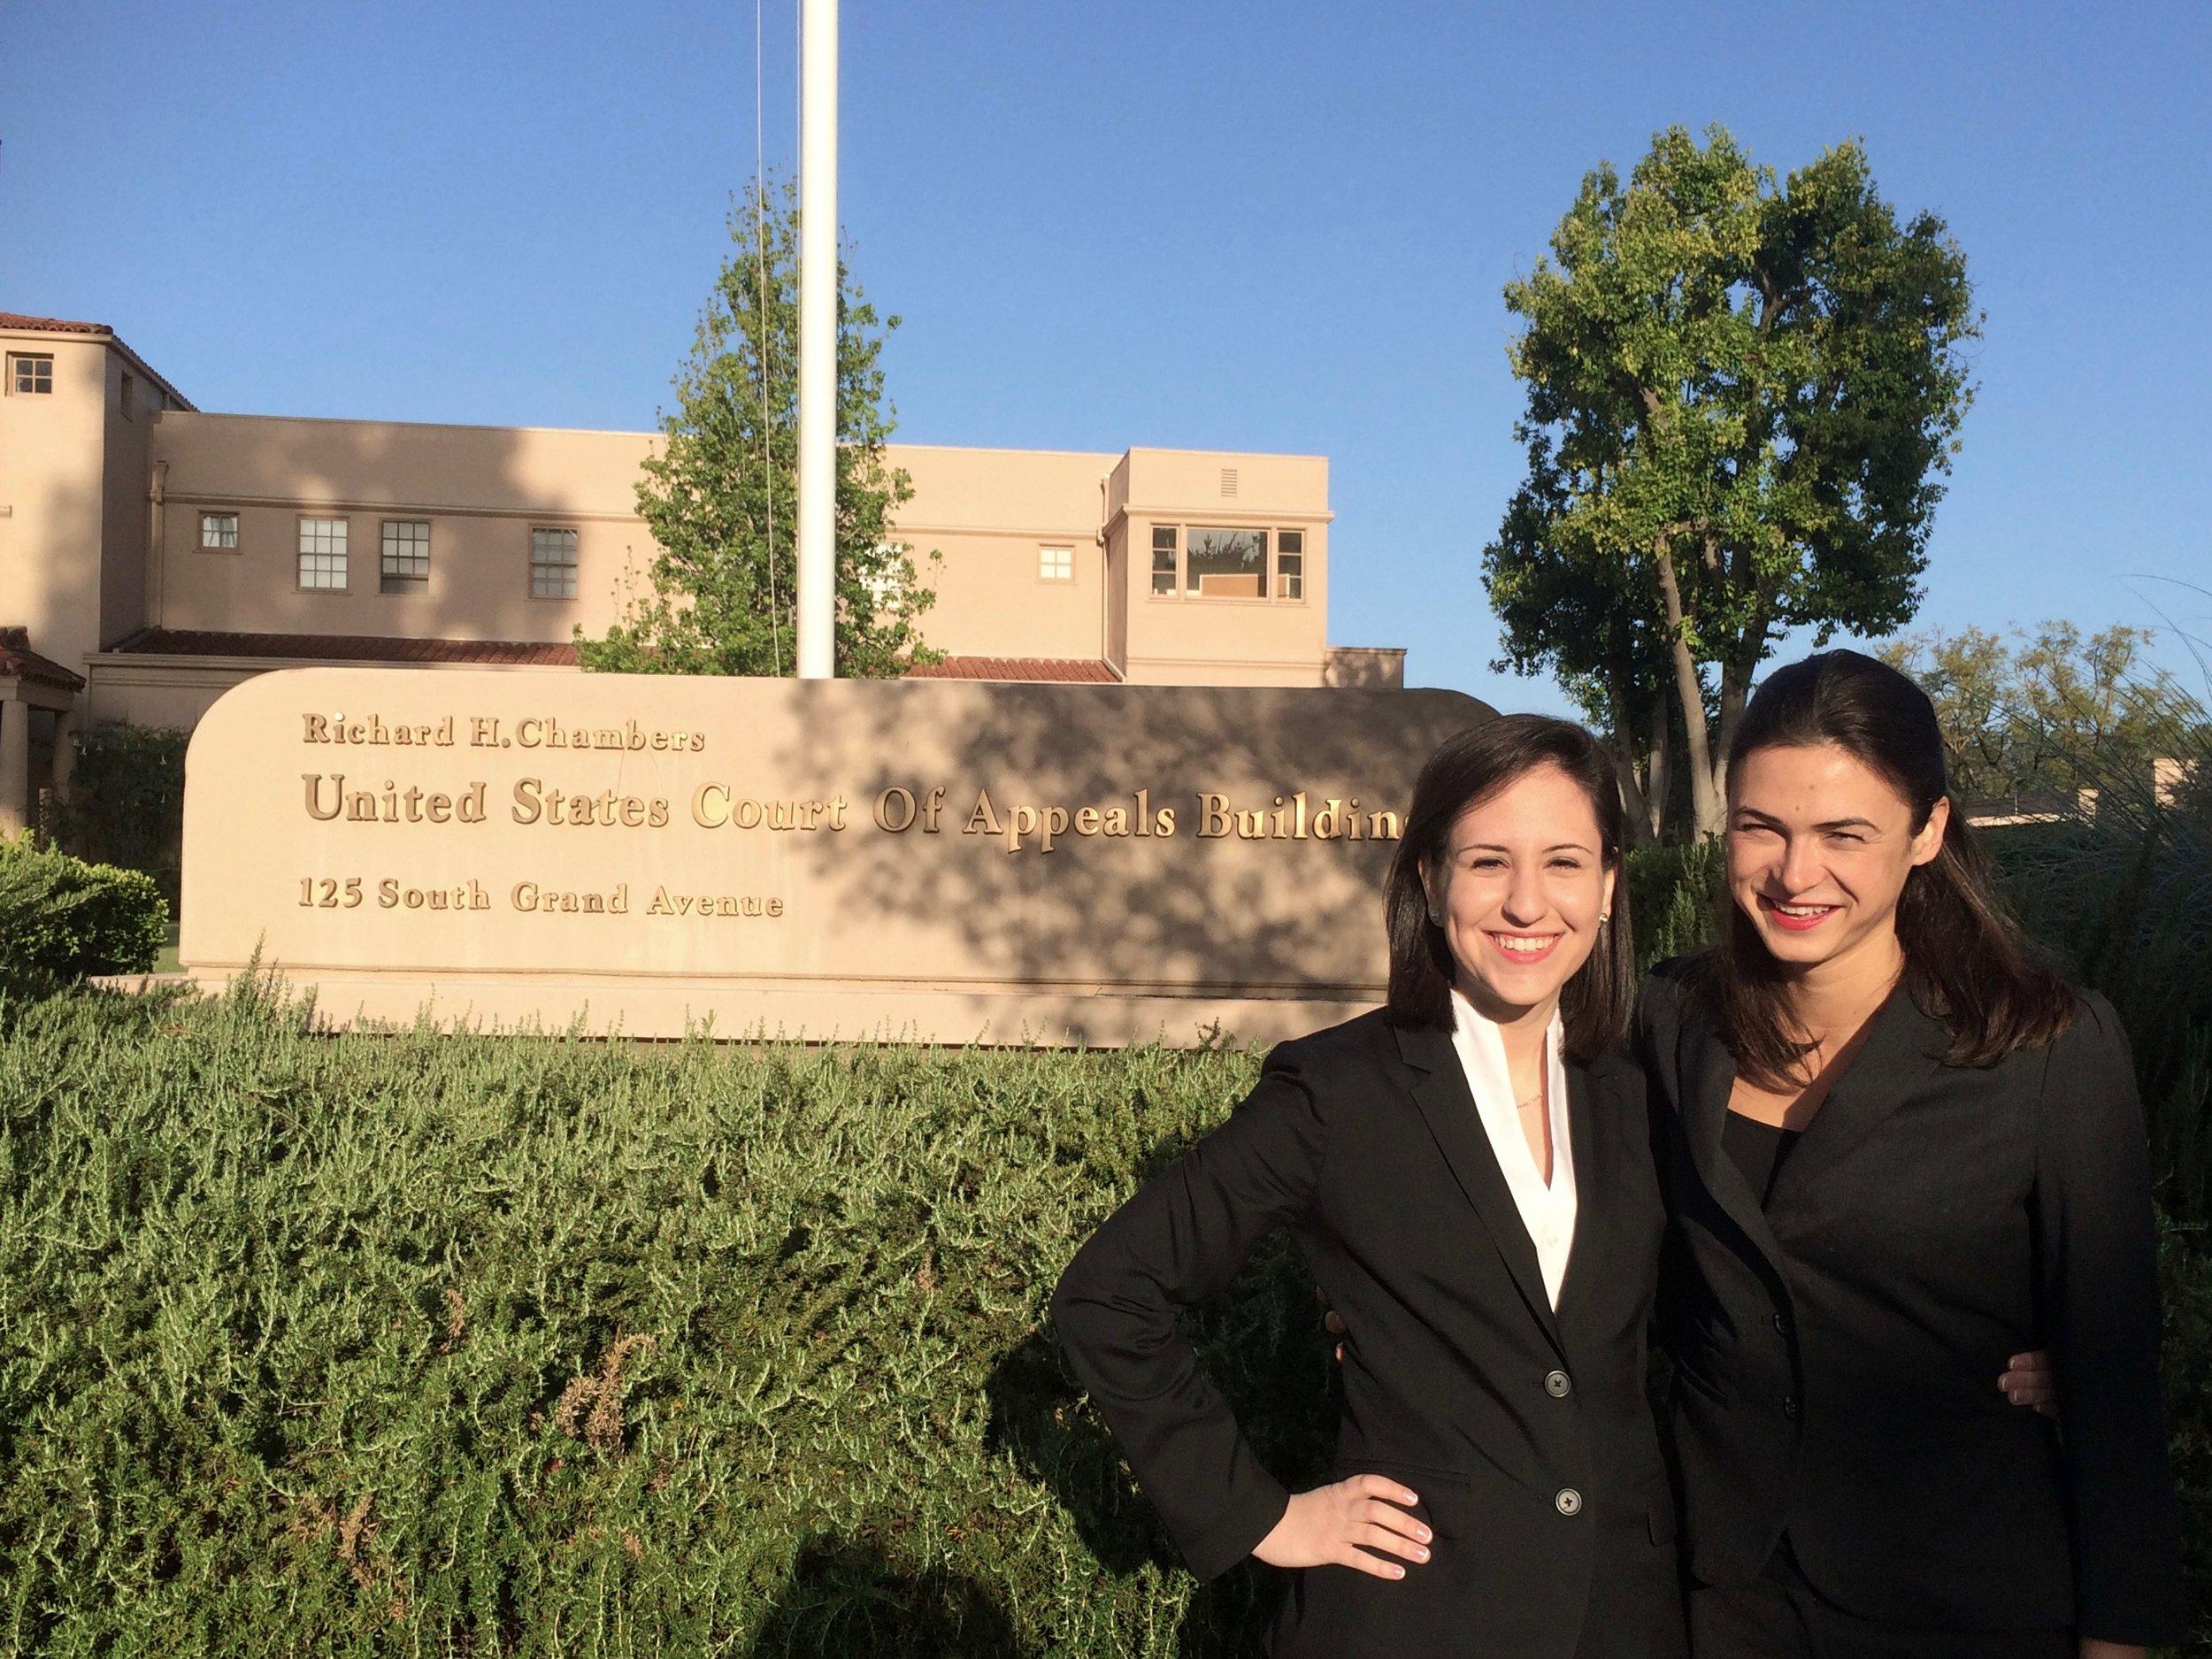 Alejandra Salinas '15 and Shannon Johnson '15